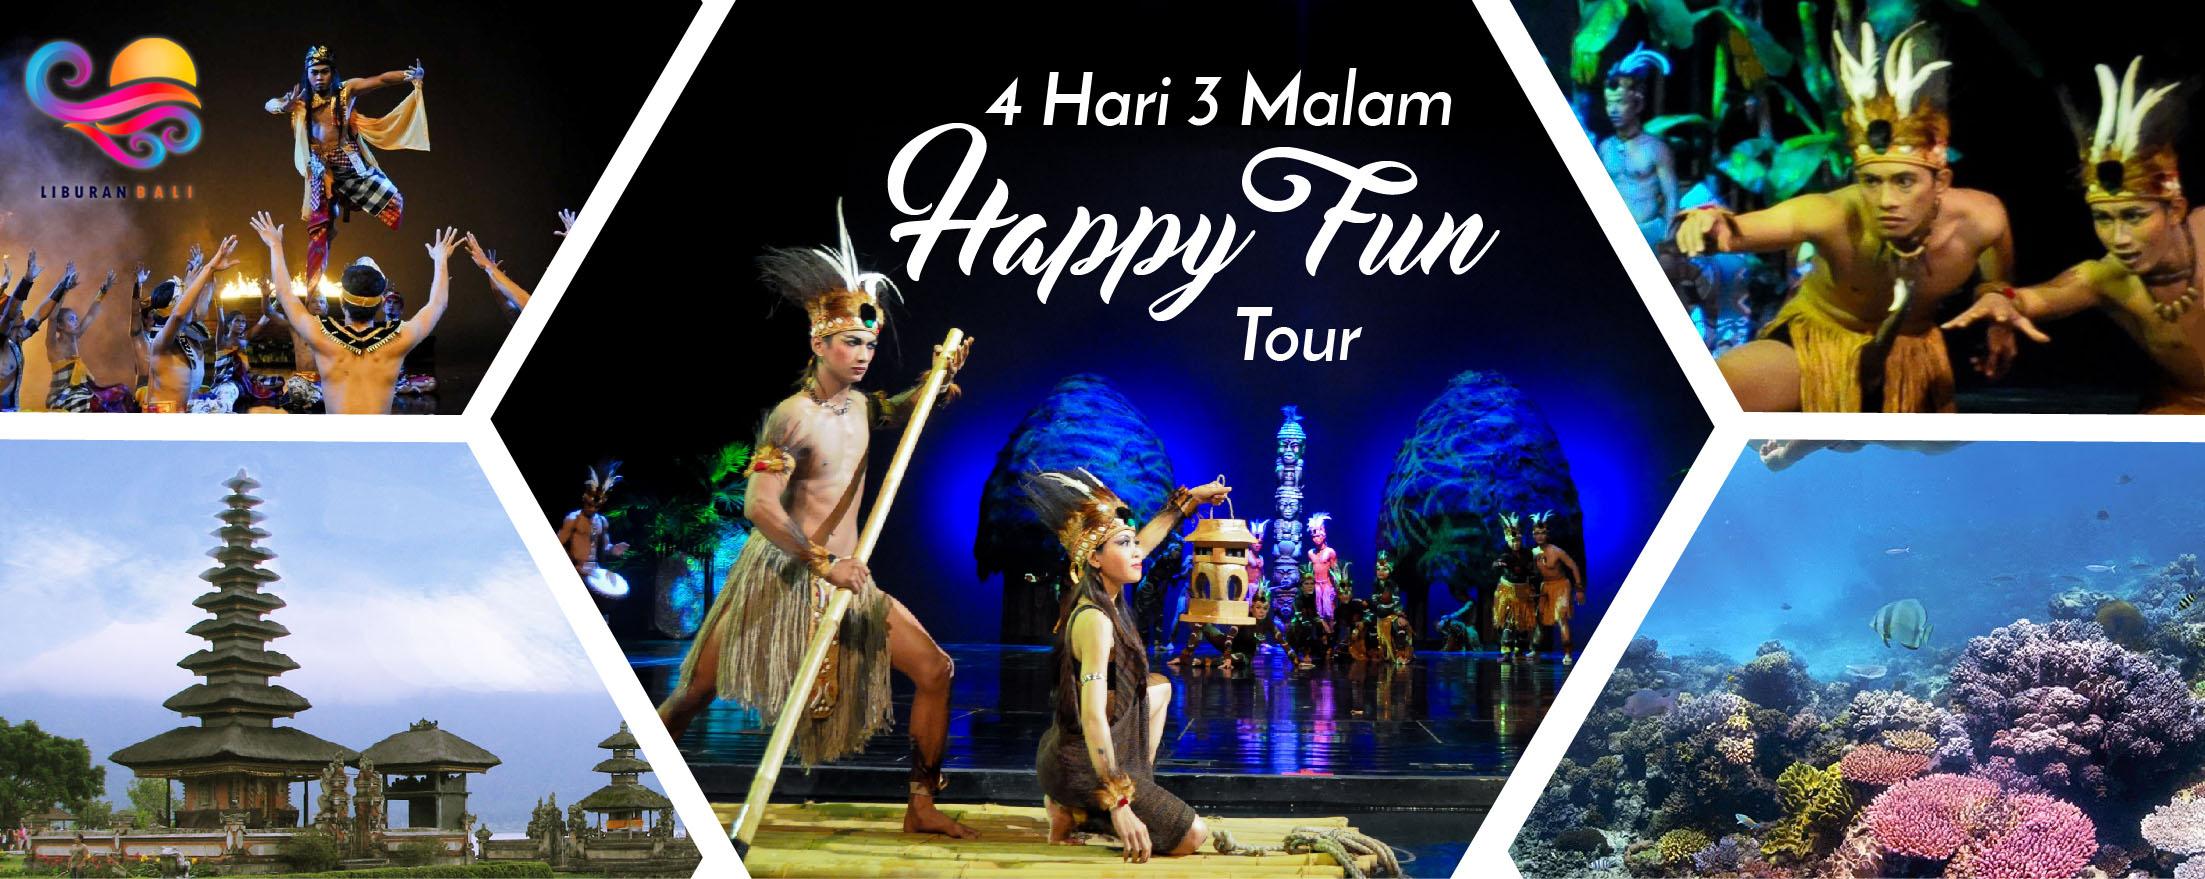 happy fun-01